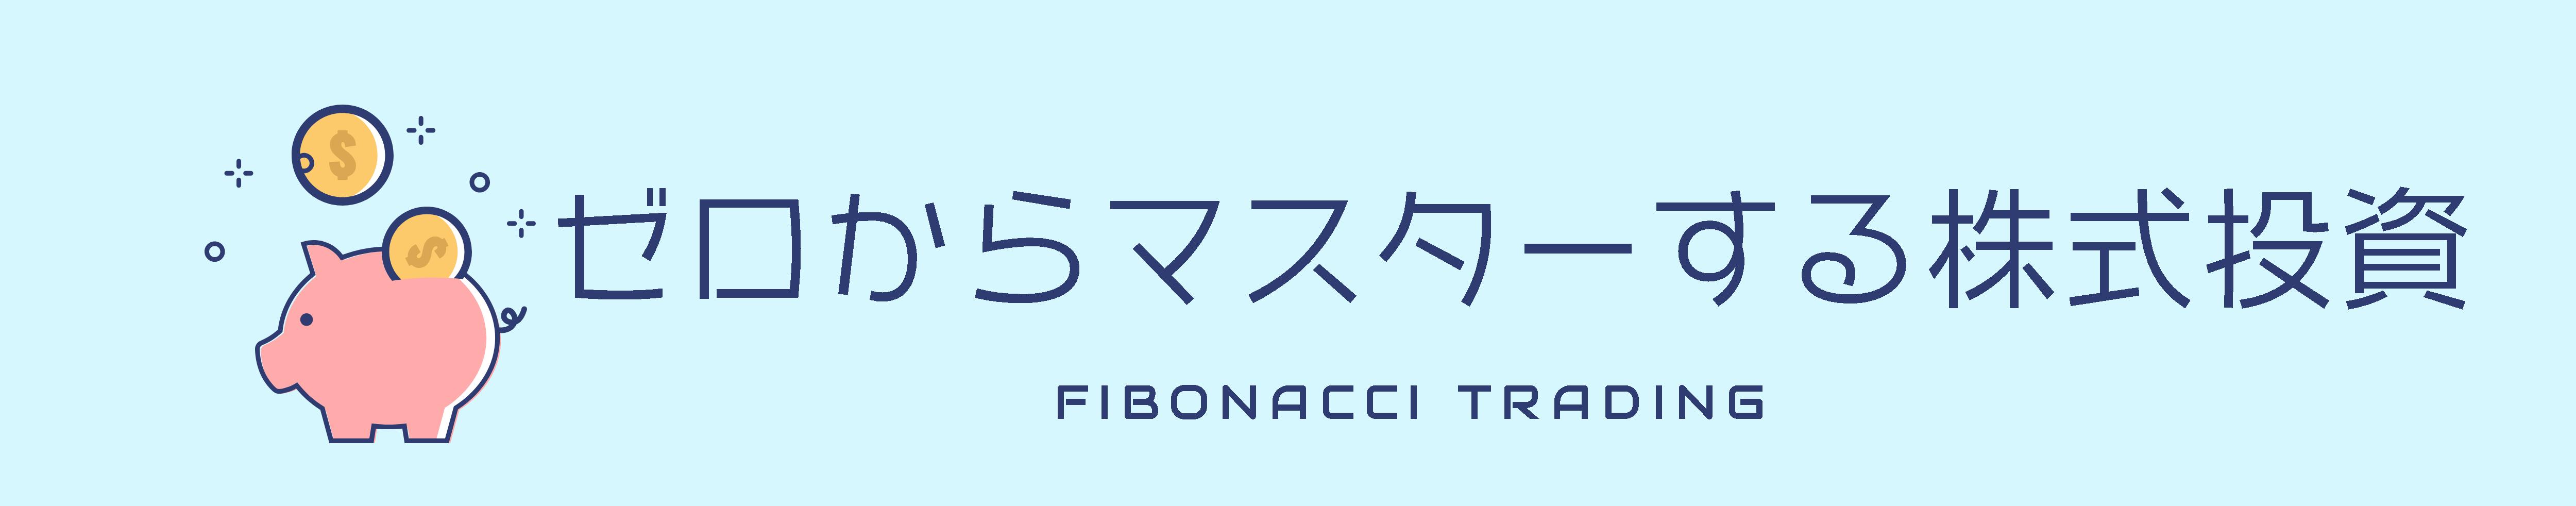 フィボナッチで株式トレード